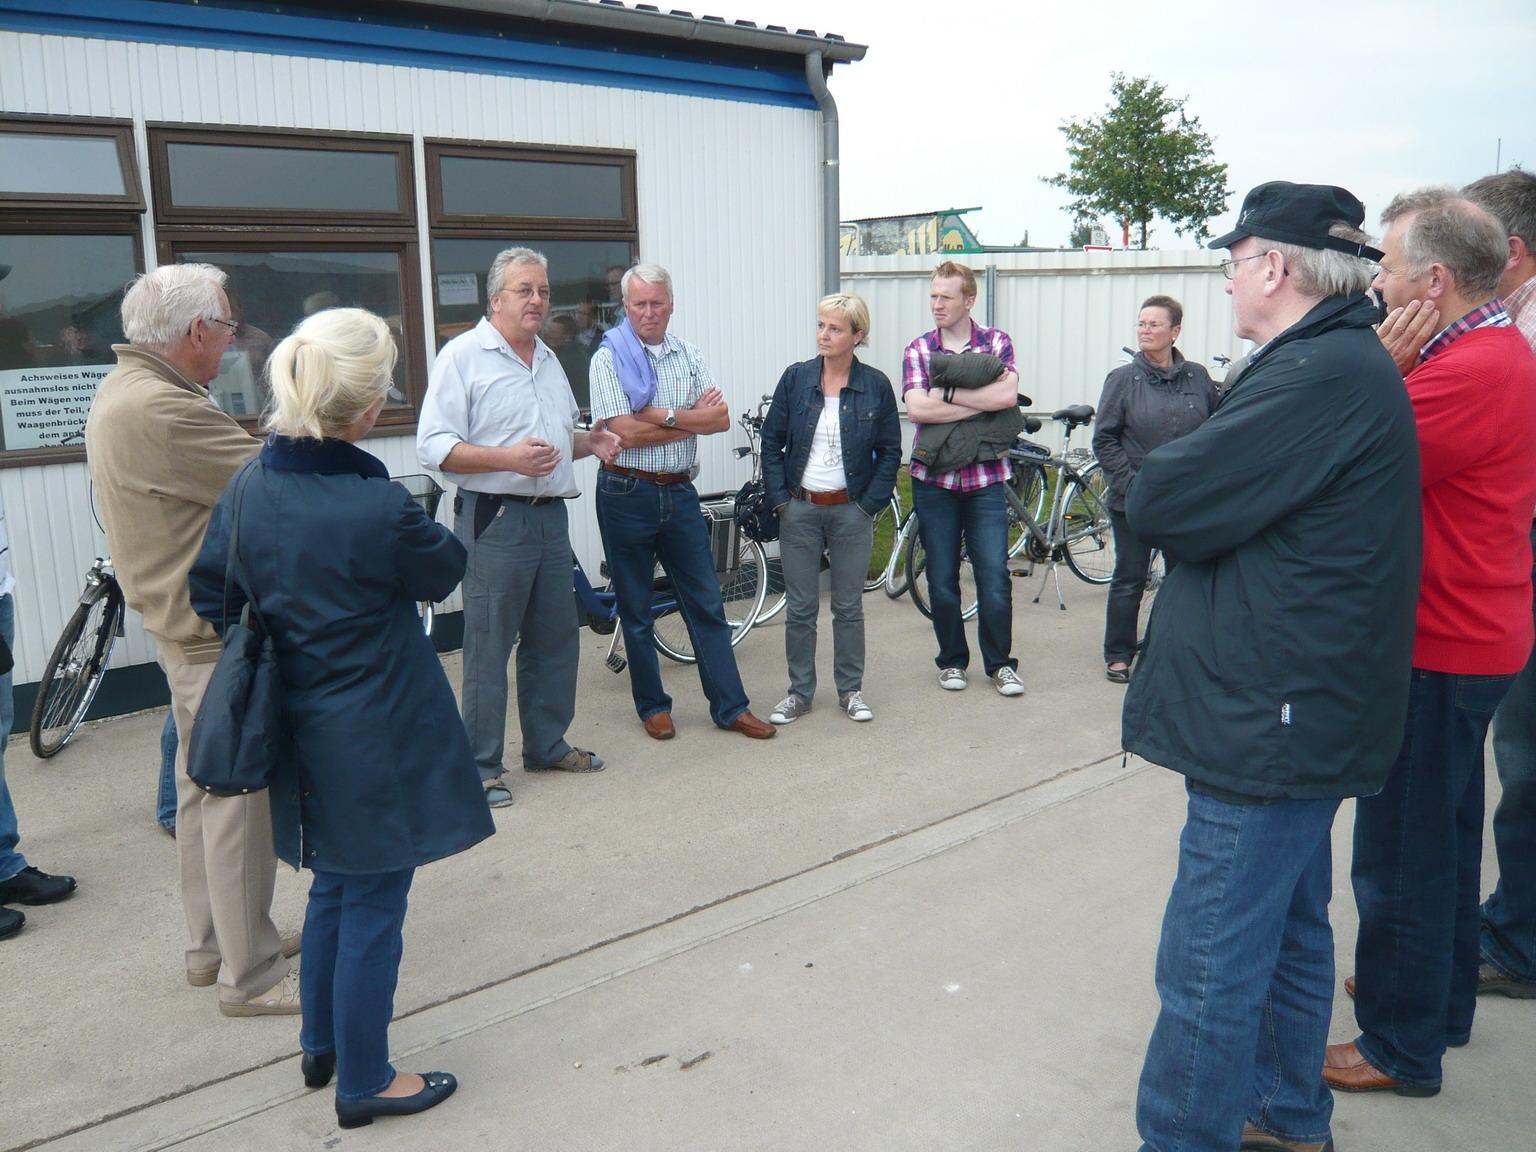 Peter Geuking (im Bild 3. v. links) erläuterte den CDU-Vertretern das Dienstleistungsangebot des Wertstoffhofes